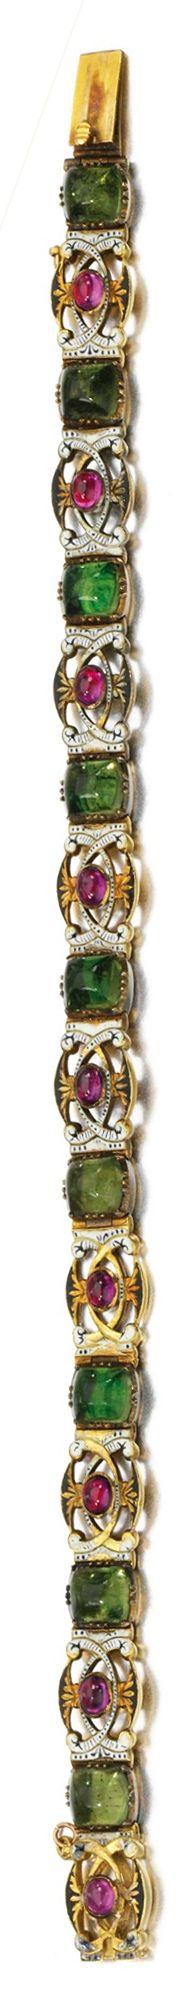 GOLD AND ENAMEL BRACELET, CARLO GIULIANO, 1874-1895 Of pierced openwork scroll g...